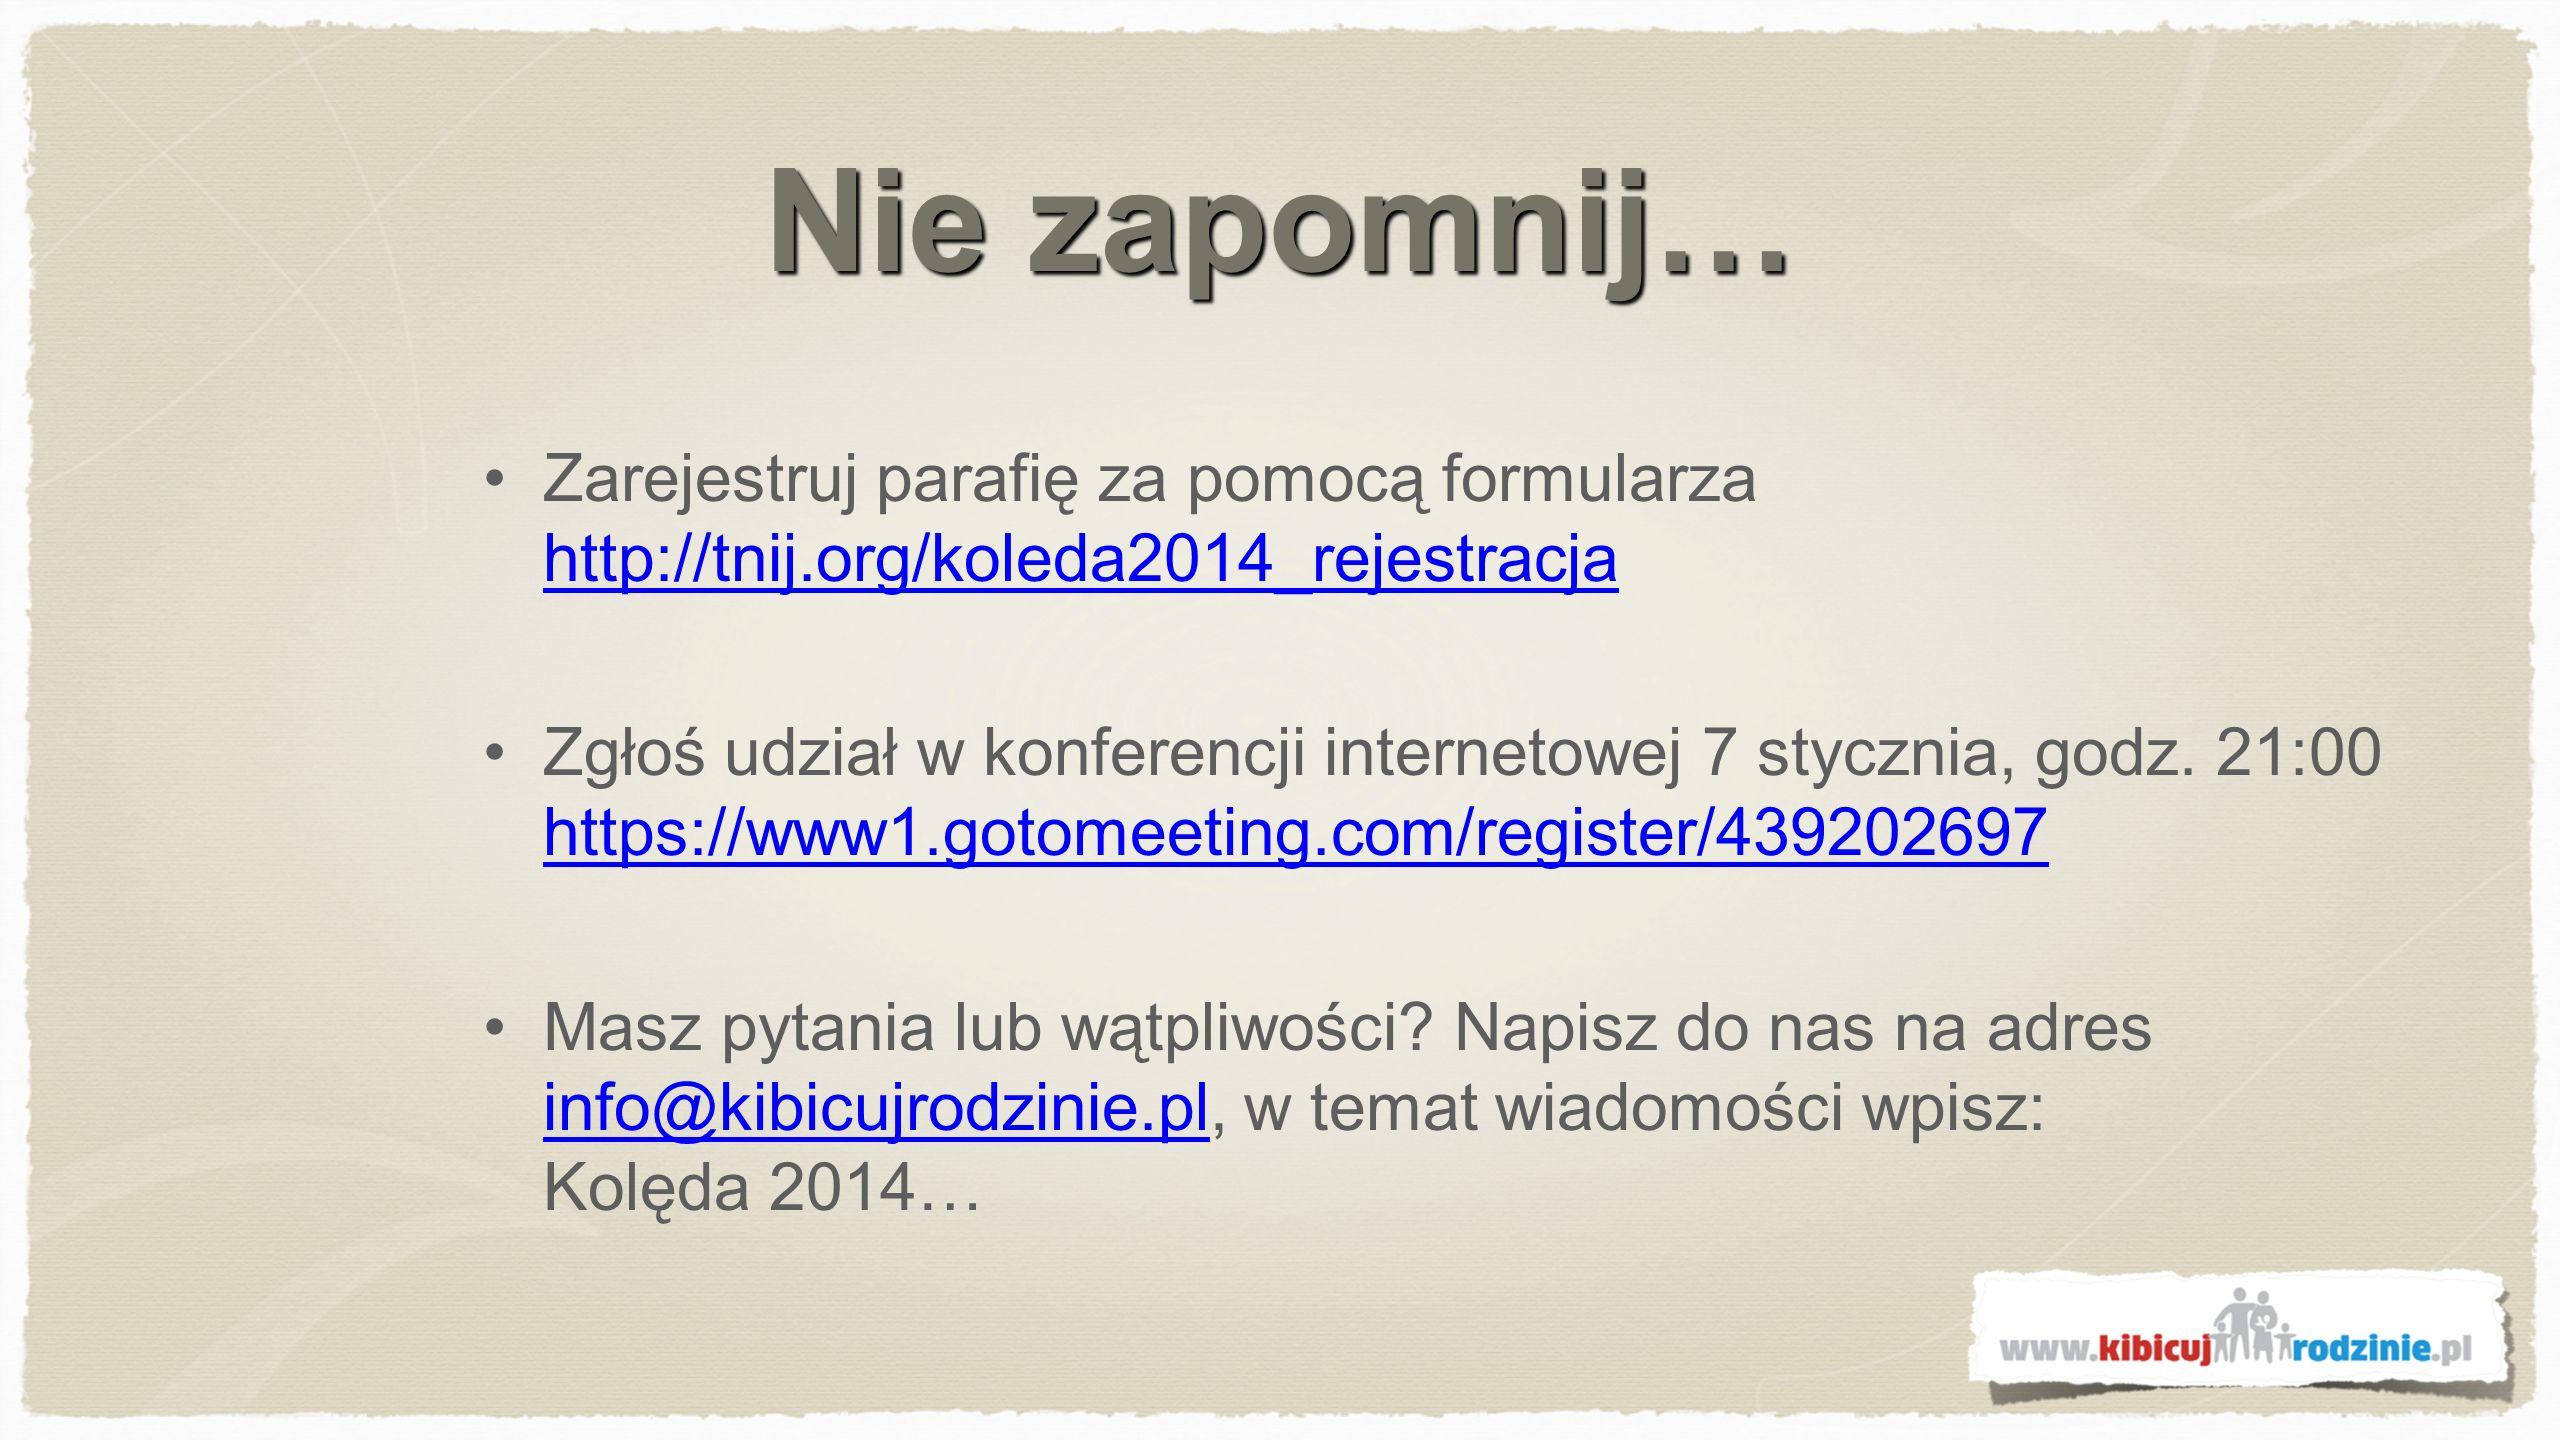 Nie zapomnij… Zarejestruj parafię za pomocą formularza http://tnij.org/koleda2014_rejestracja http://tnij.org/koleda2014_rejestracja Zgłoś udział w konferencji internetowej 7 stycznia, godz.